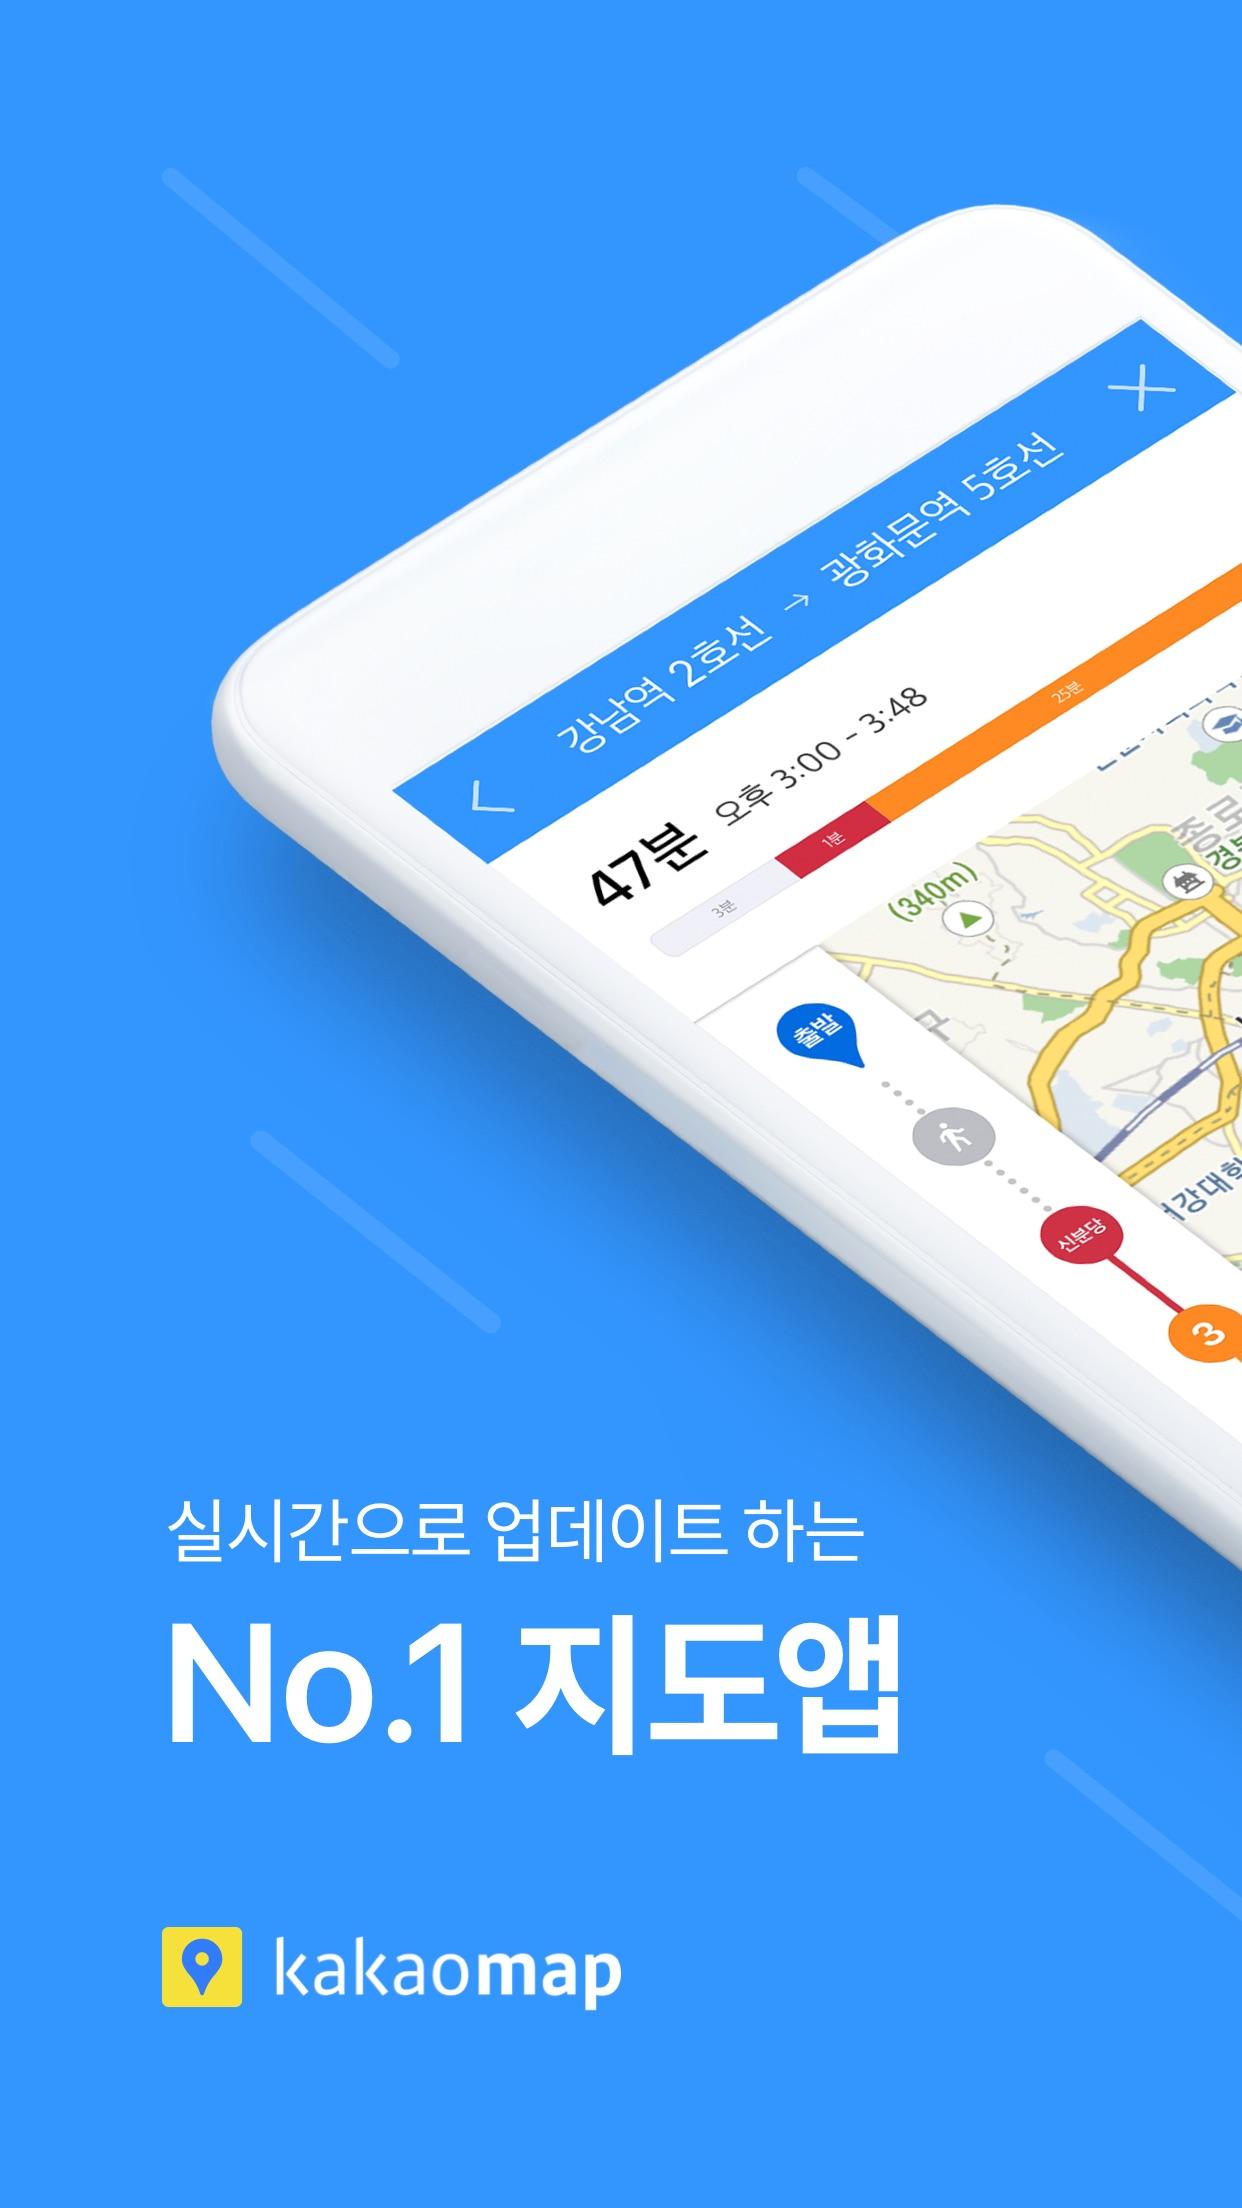 KakaoMap - Korea No.1 Map Screenshot